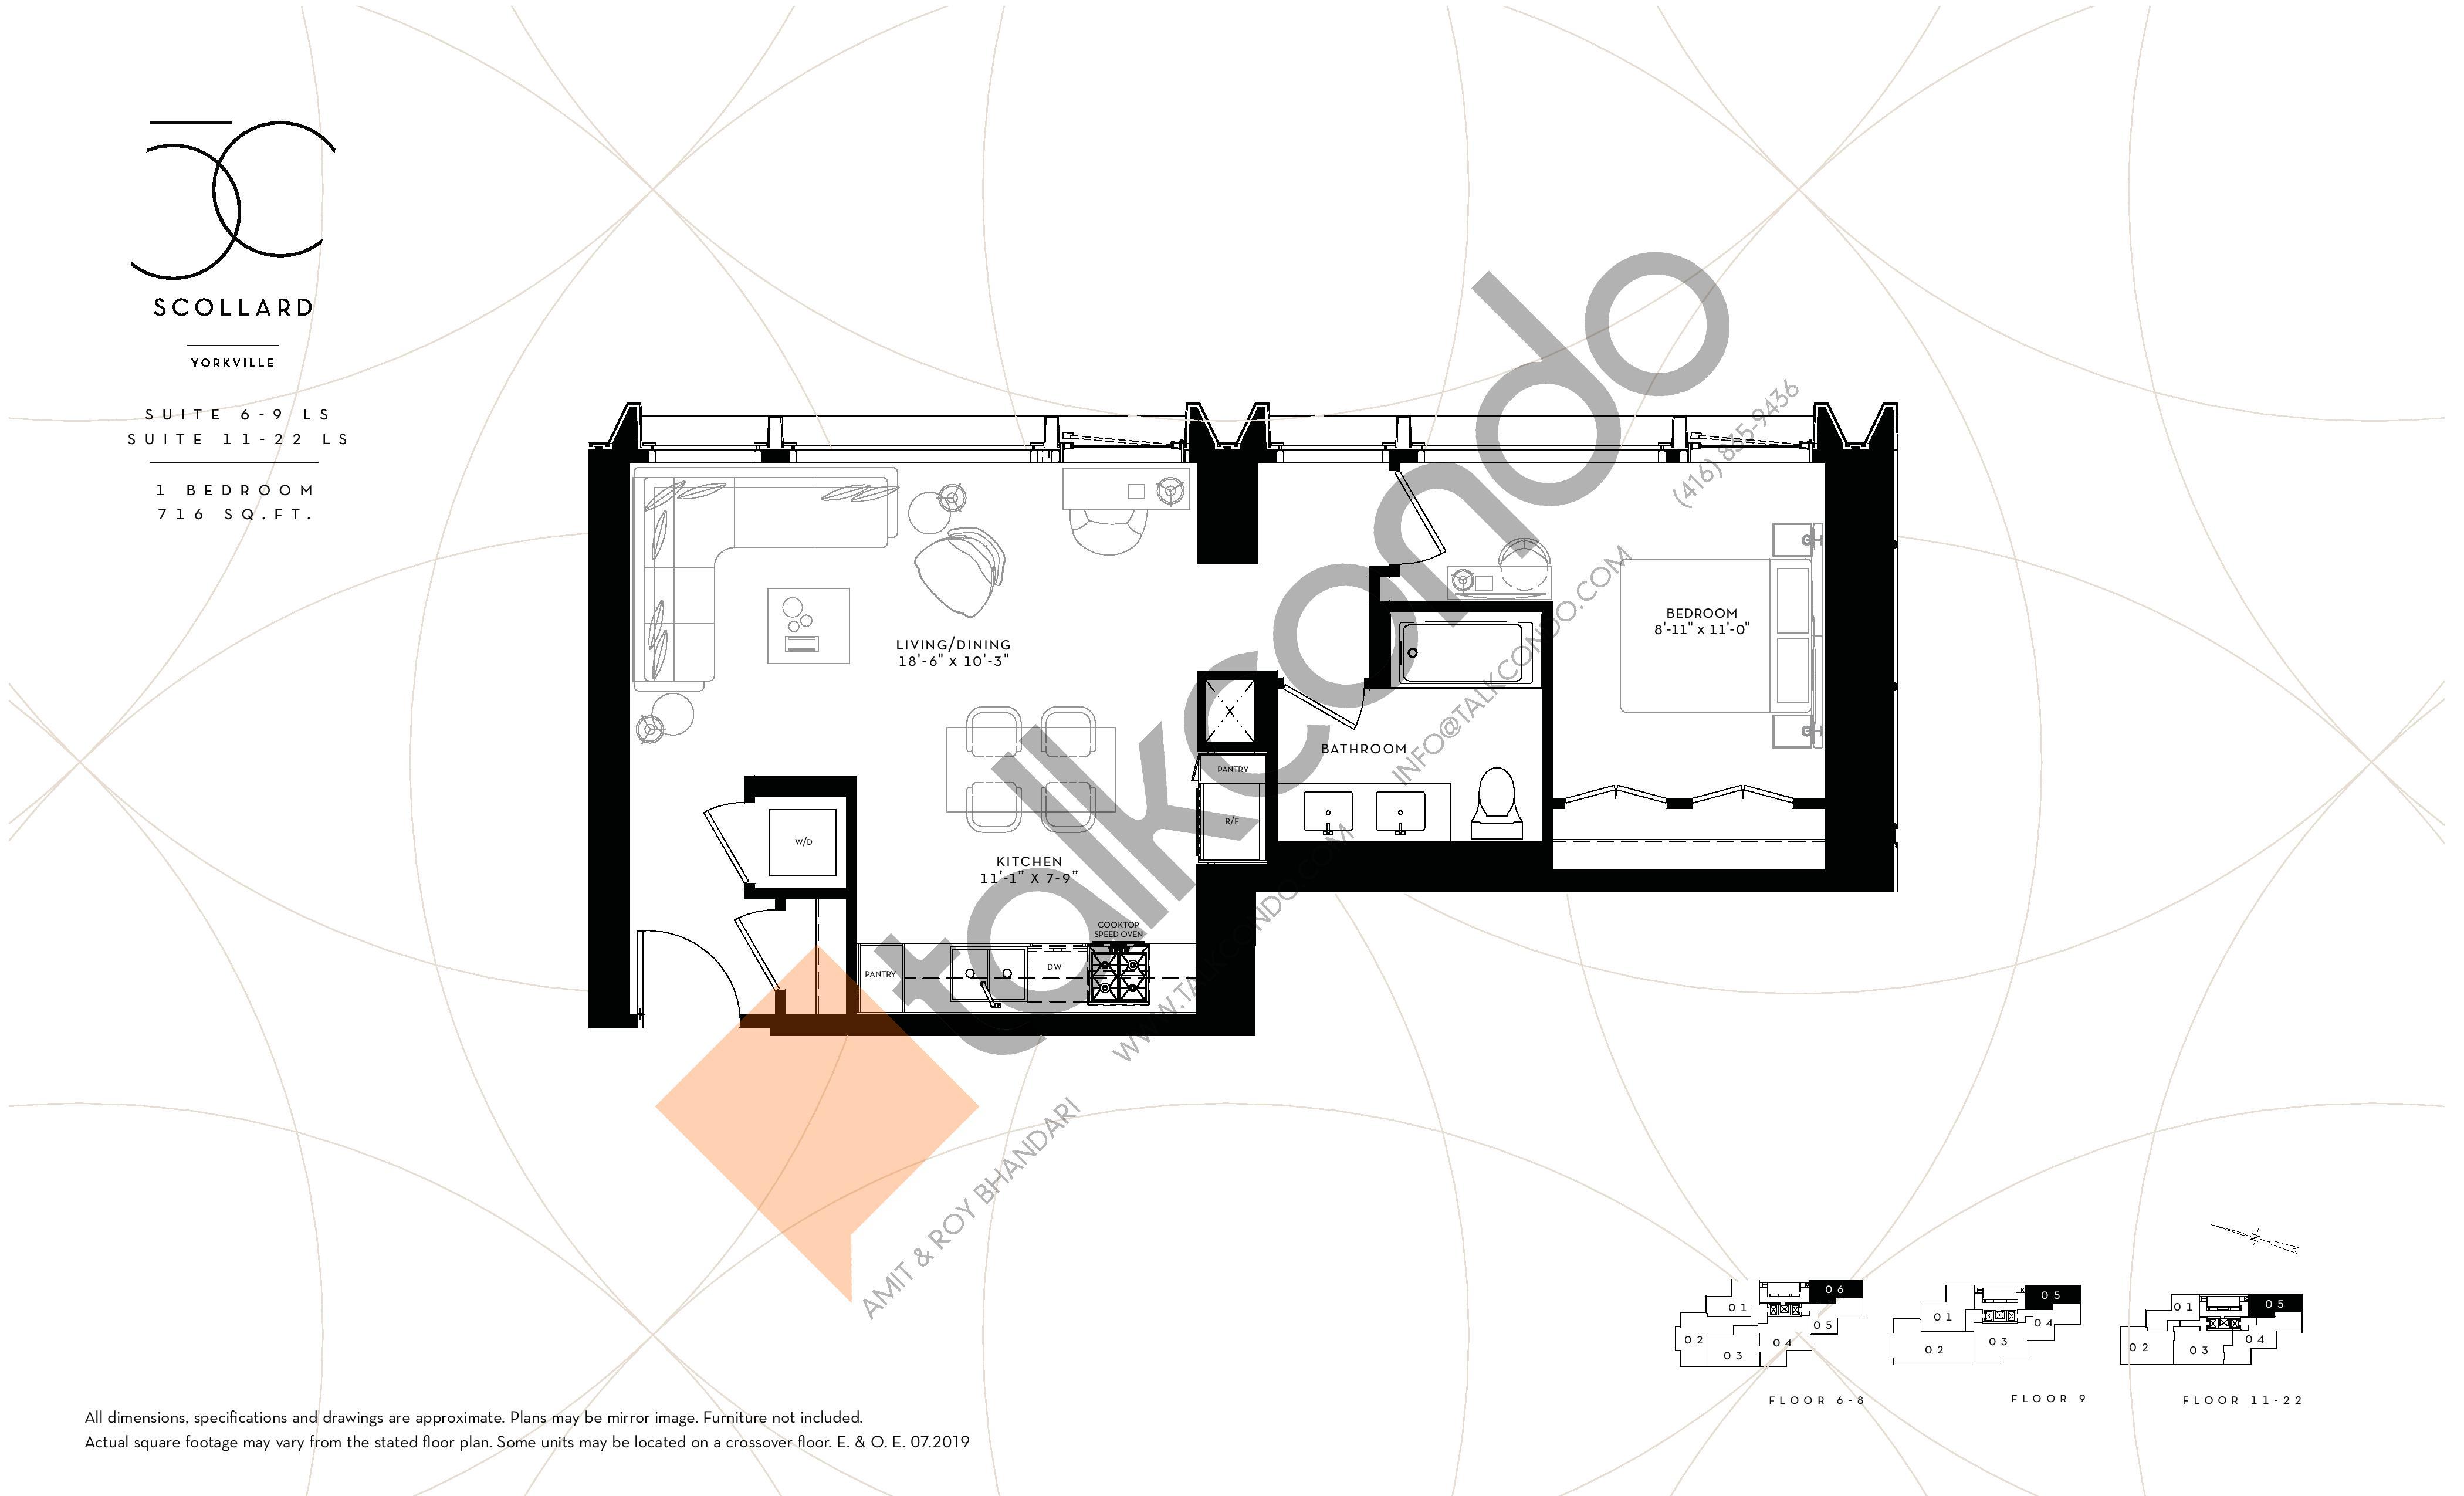 Suite 6-9 LS / Suite 11-22 LS Floor Plan at Fifty Scollard Condos - 716 sq.ft